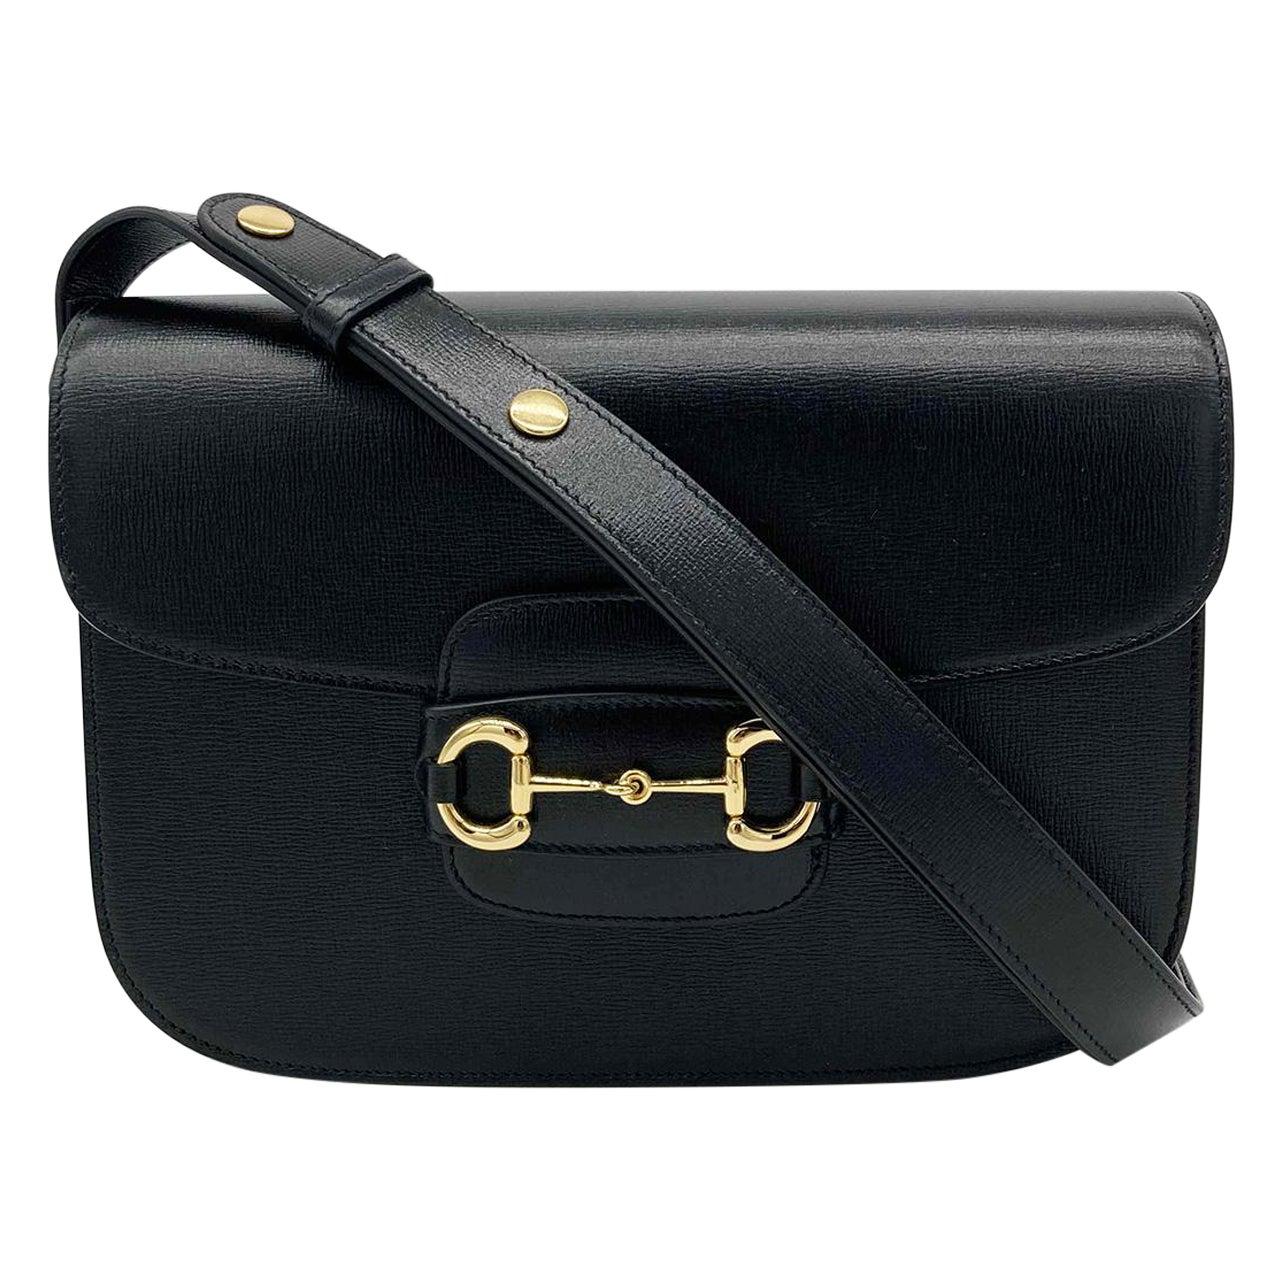 NWOT Gucci Black Leather 1955 Horsebit Bag